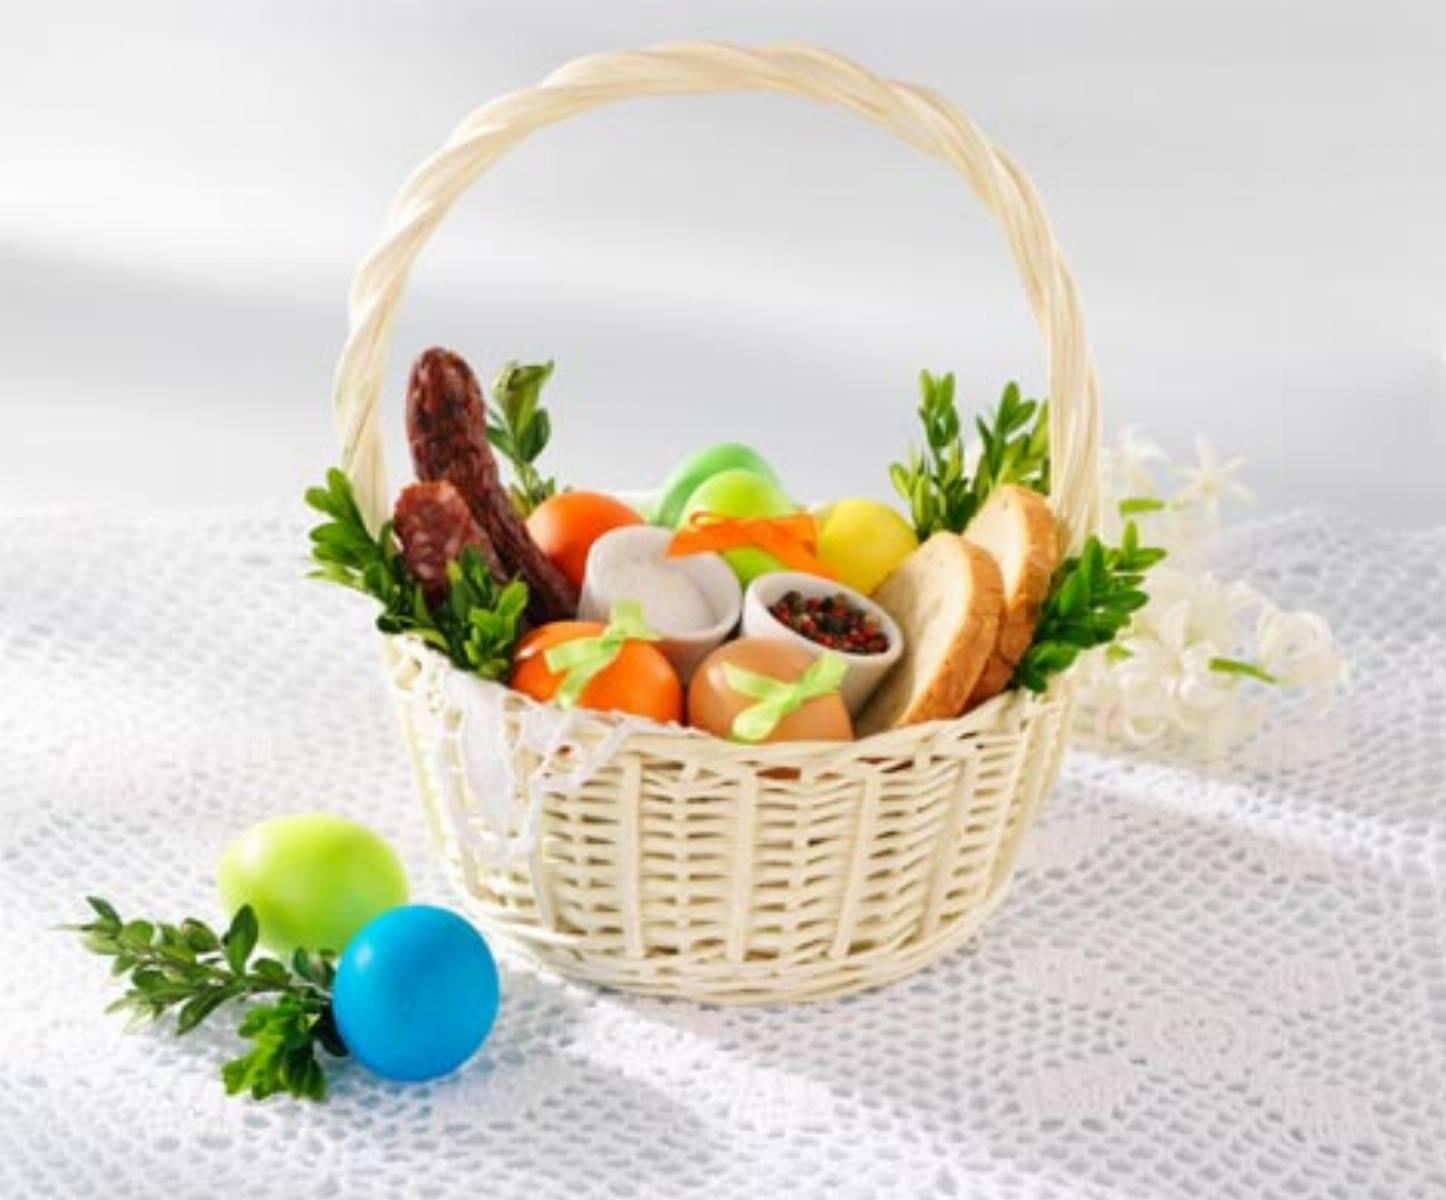 Koszyczek Wielkanocny Fot. ZM Pekpol